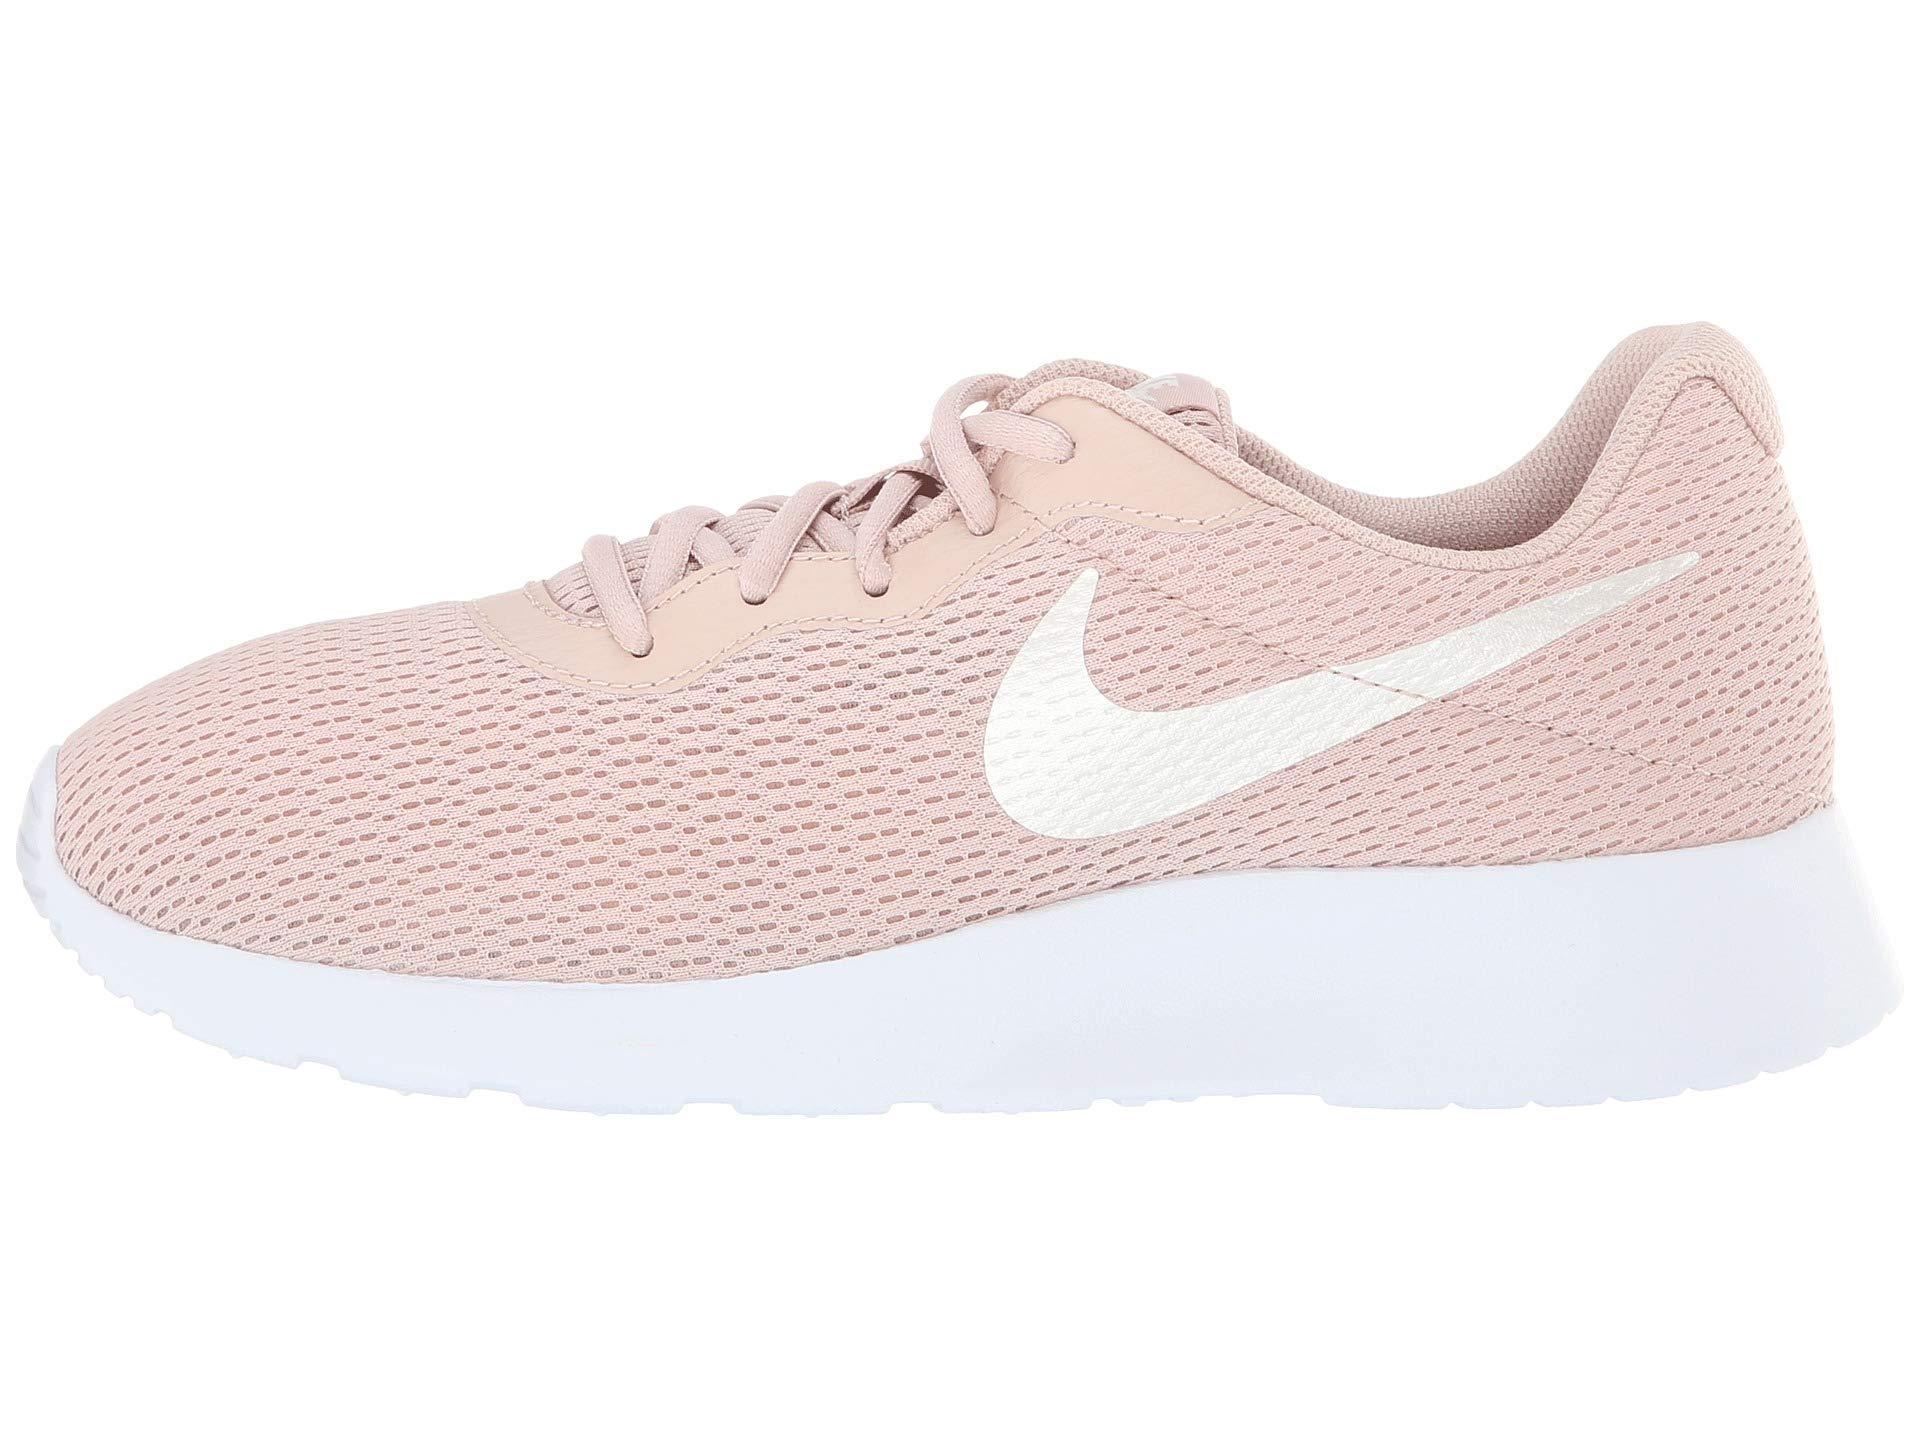 NIKE Women's Tanjun Running Shoes (8 B